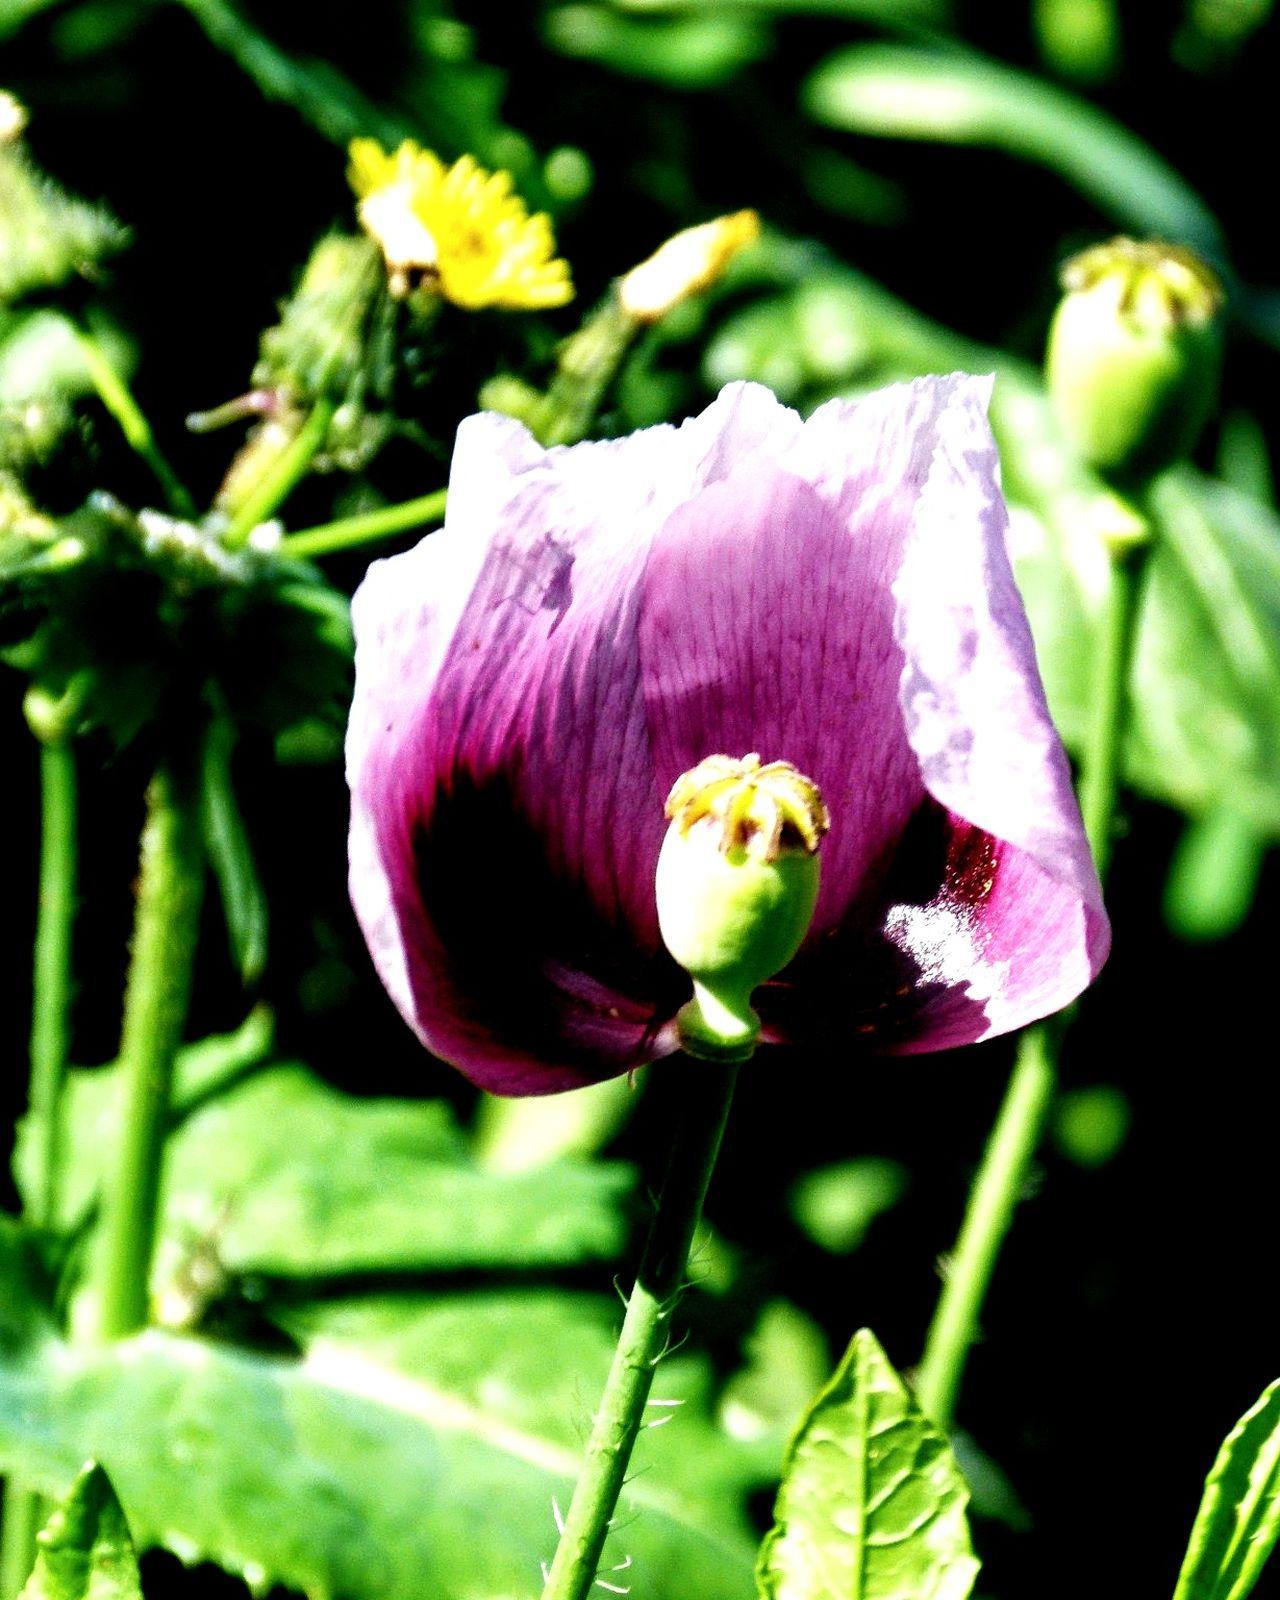 Vegetable Nature Adormidera Freshness Flower